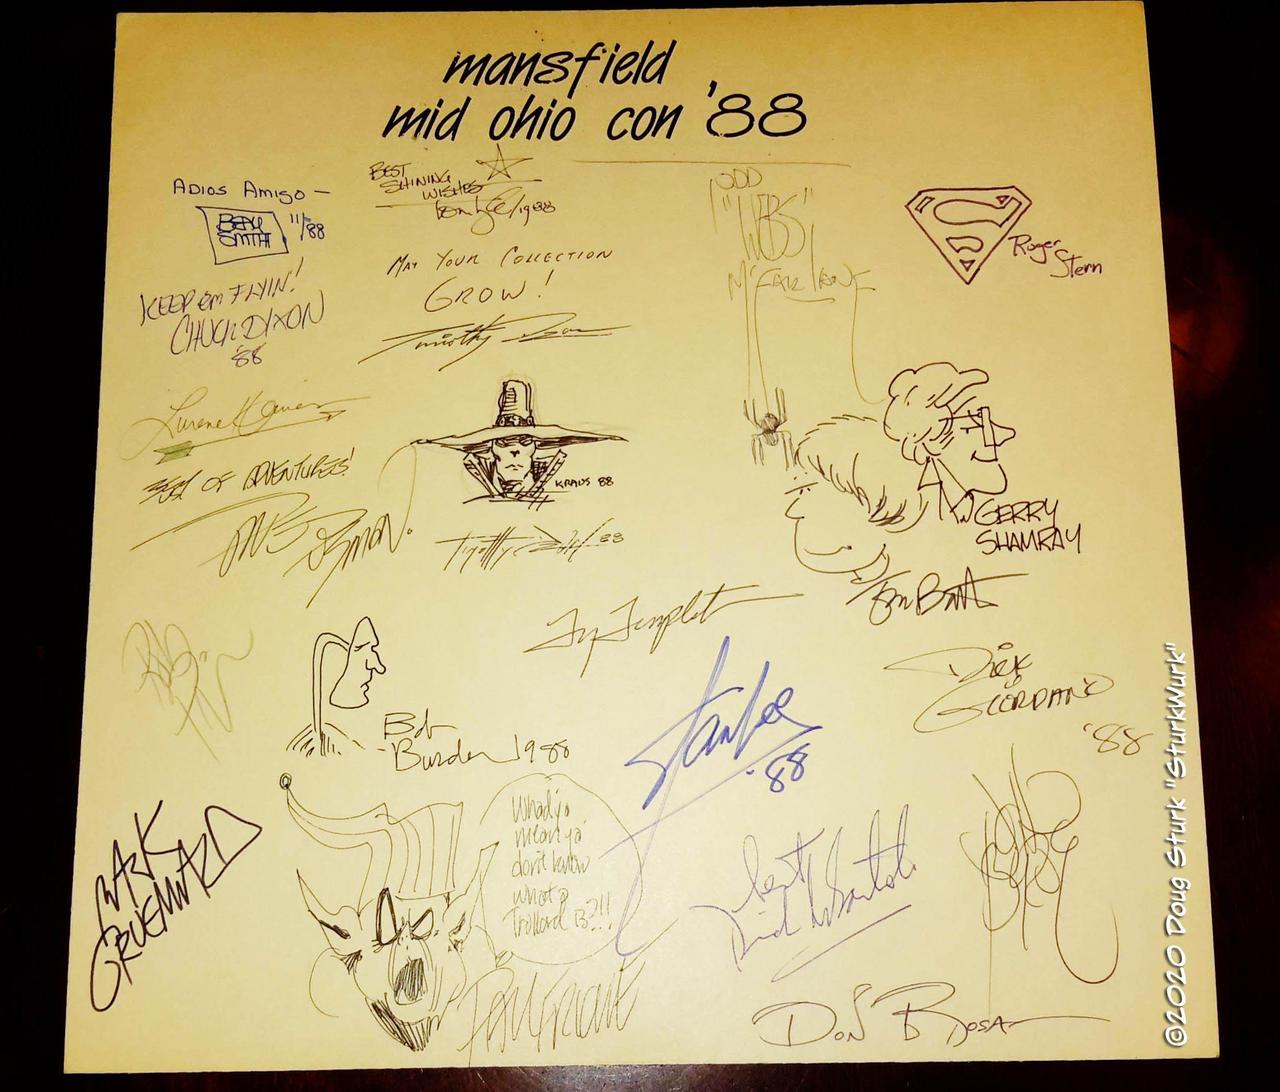 1988 Mid Ohio Con Autographs